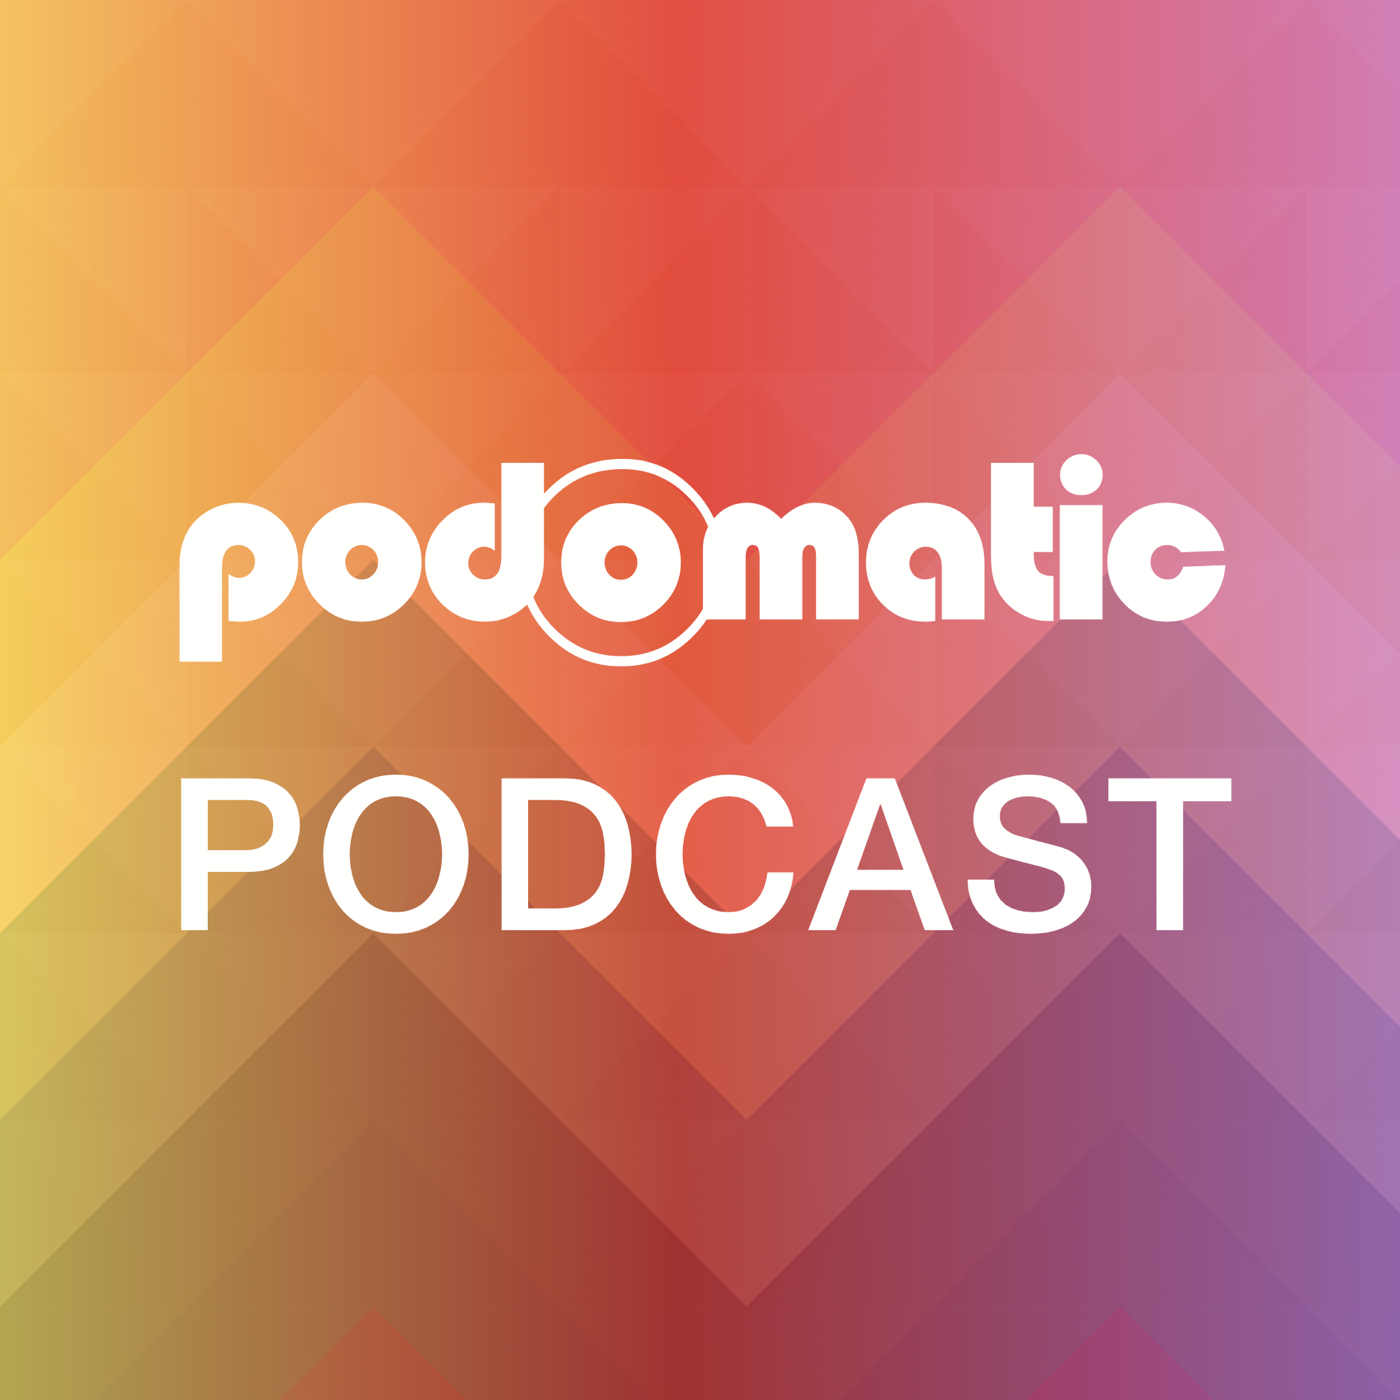 podlucaedelena's Podcast